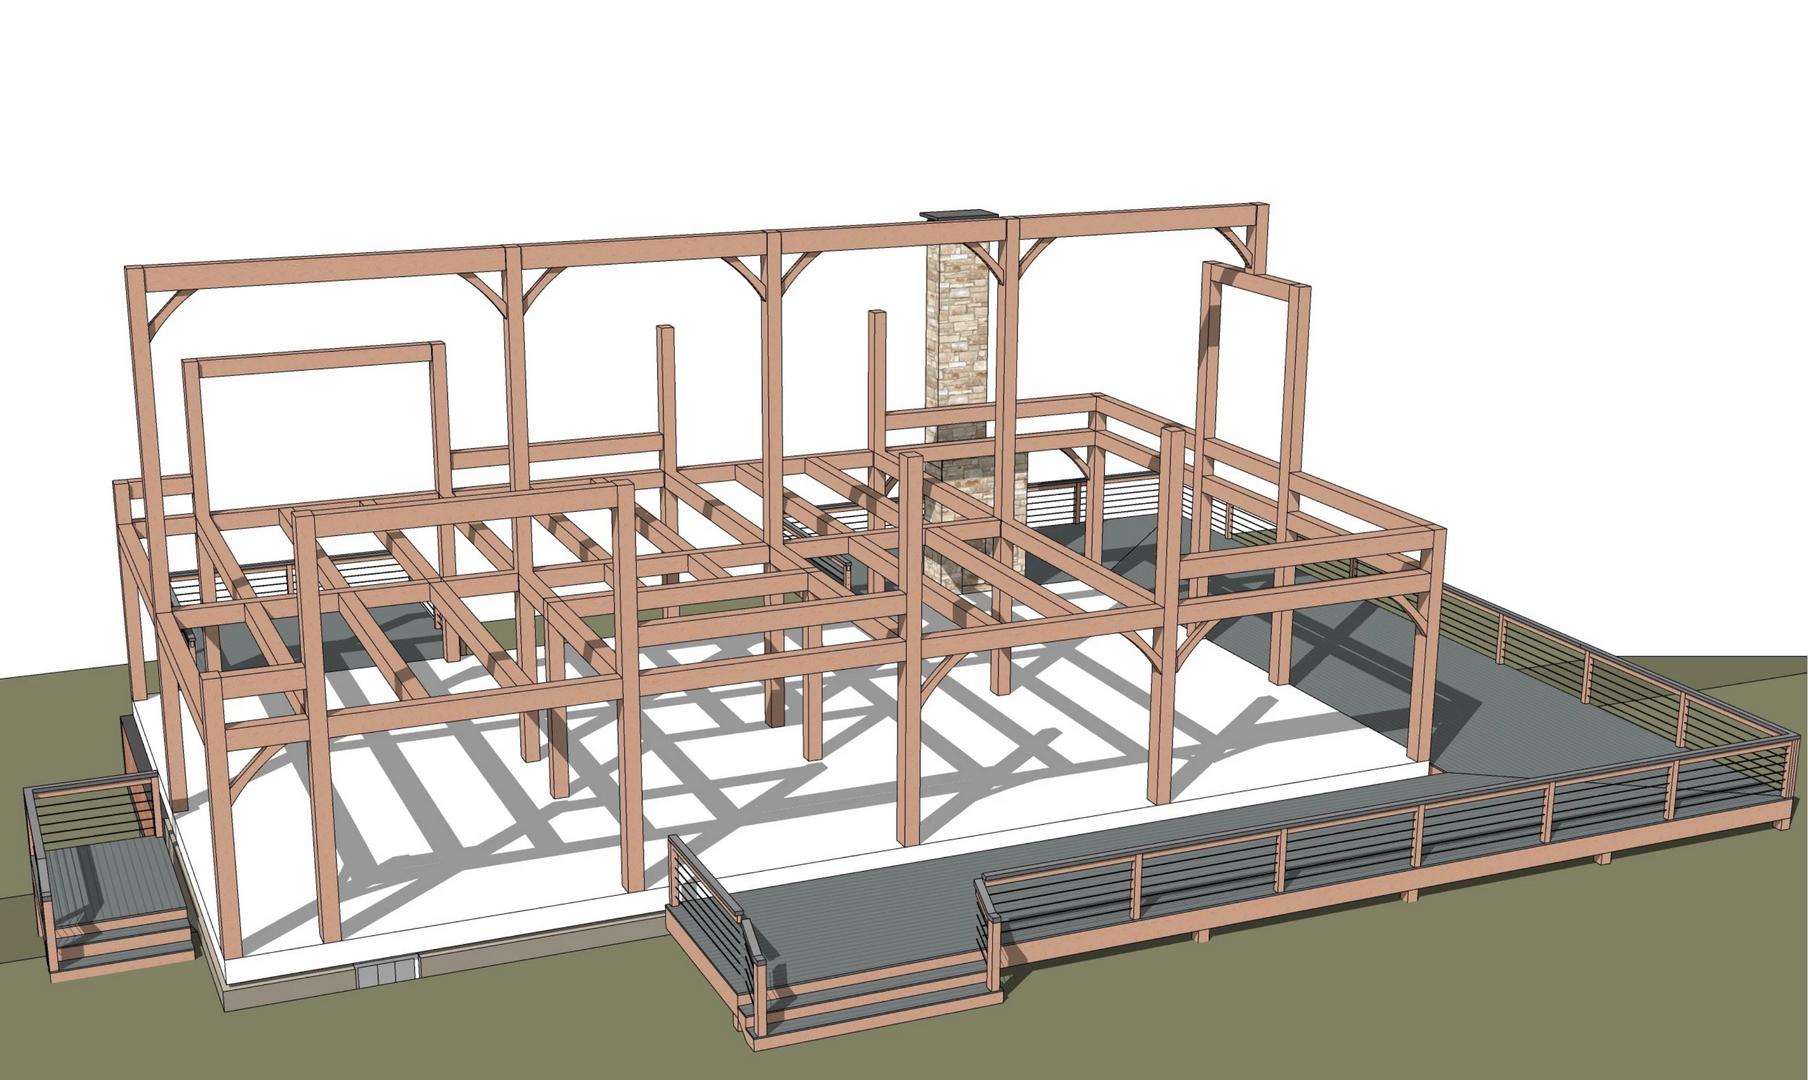 Grand Isle timber frame